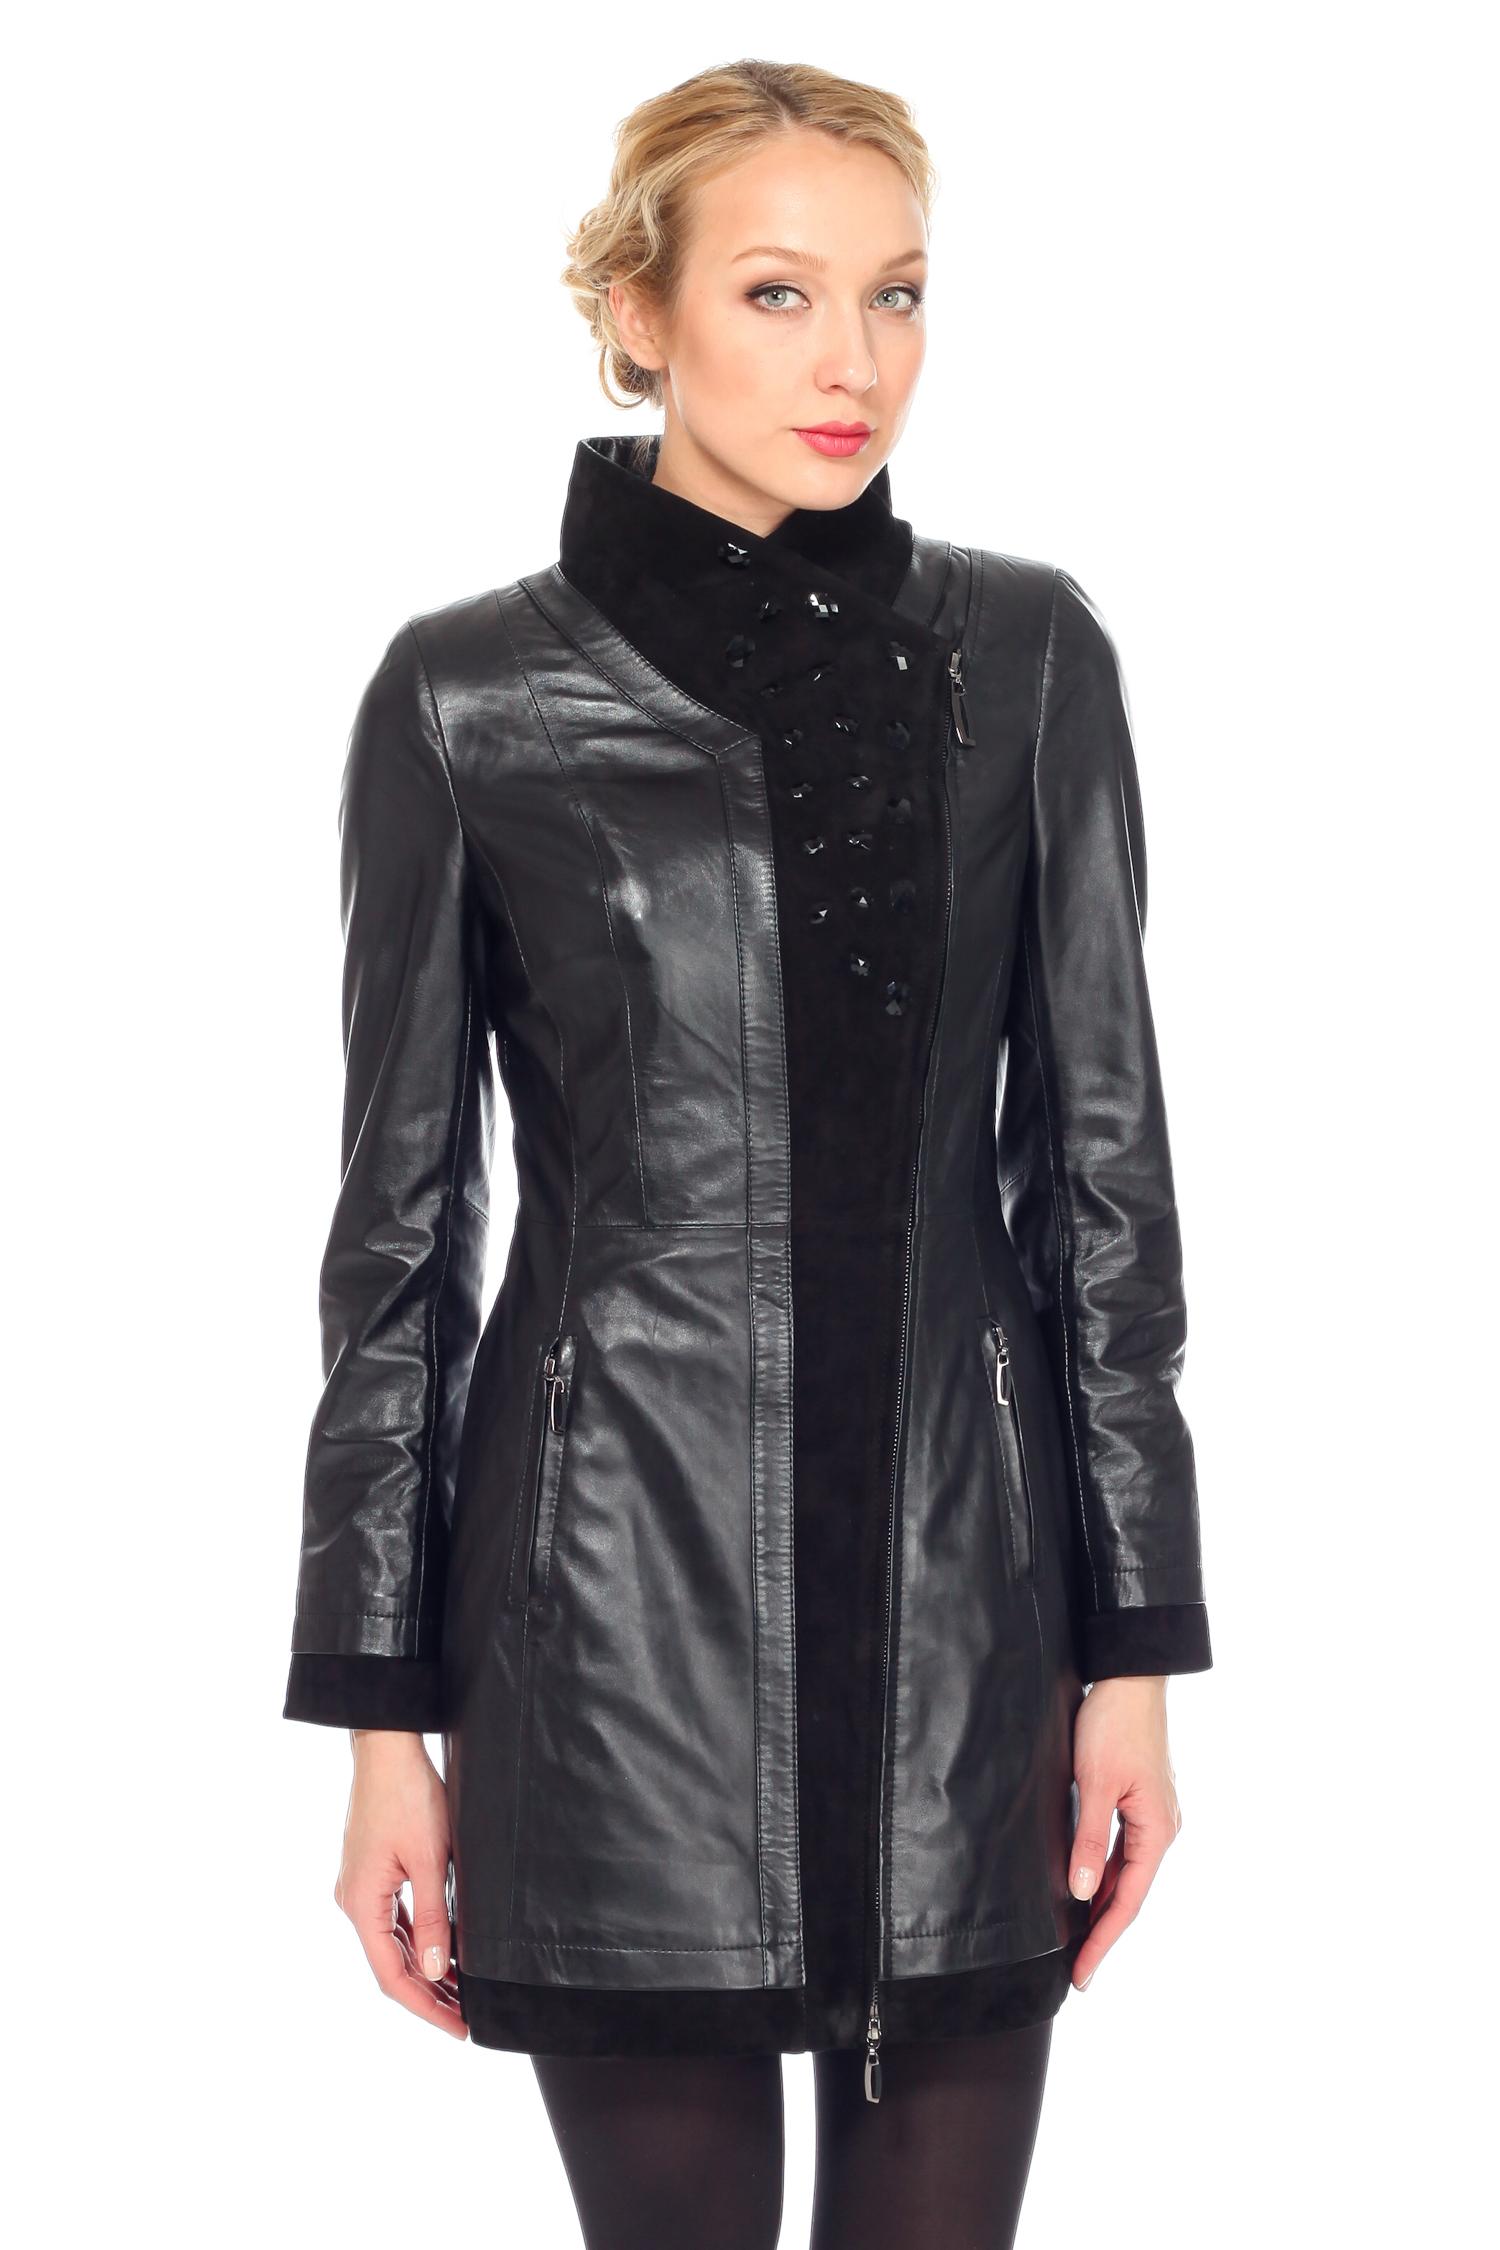 Женская кожаная куртка из натуральной кожи с воротником, без отделки. Производитель: Московская Меховая Компания, артикул: 6614